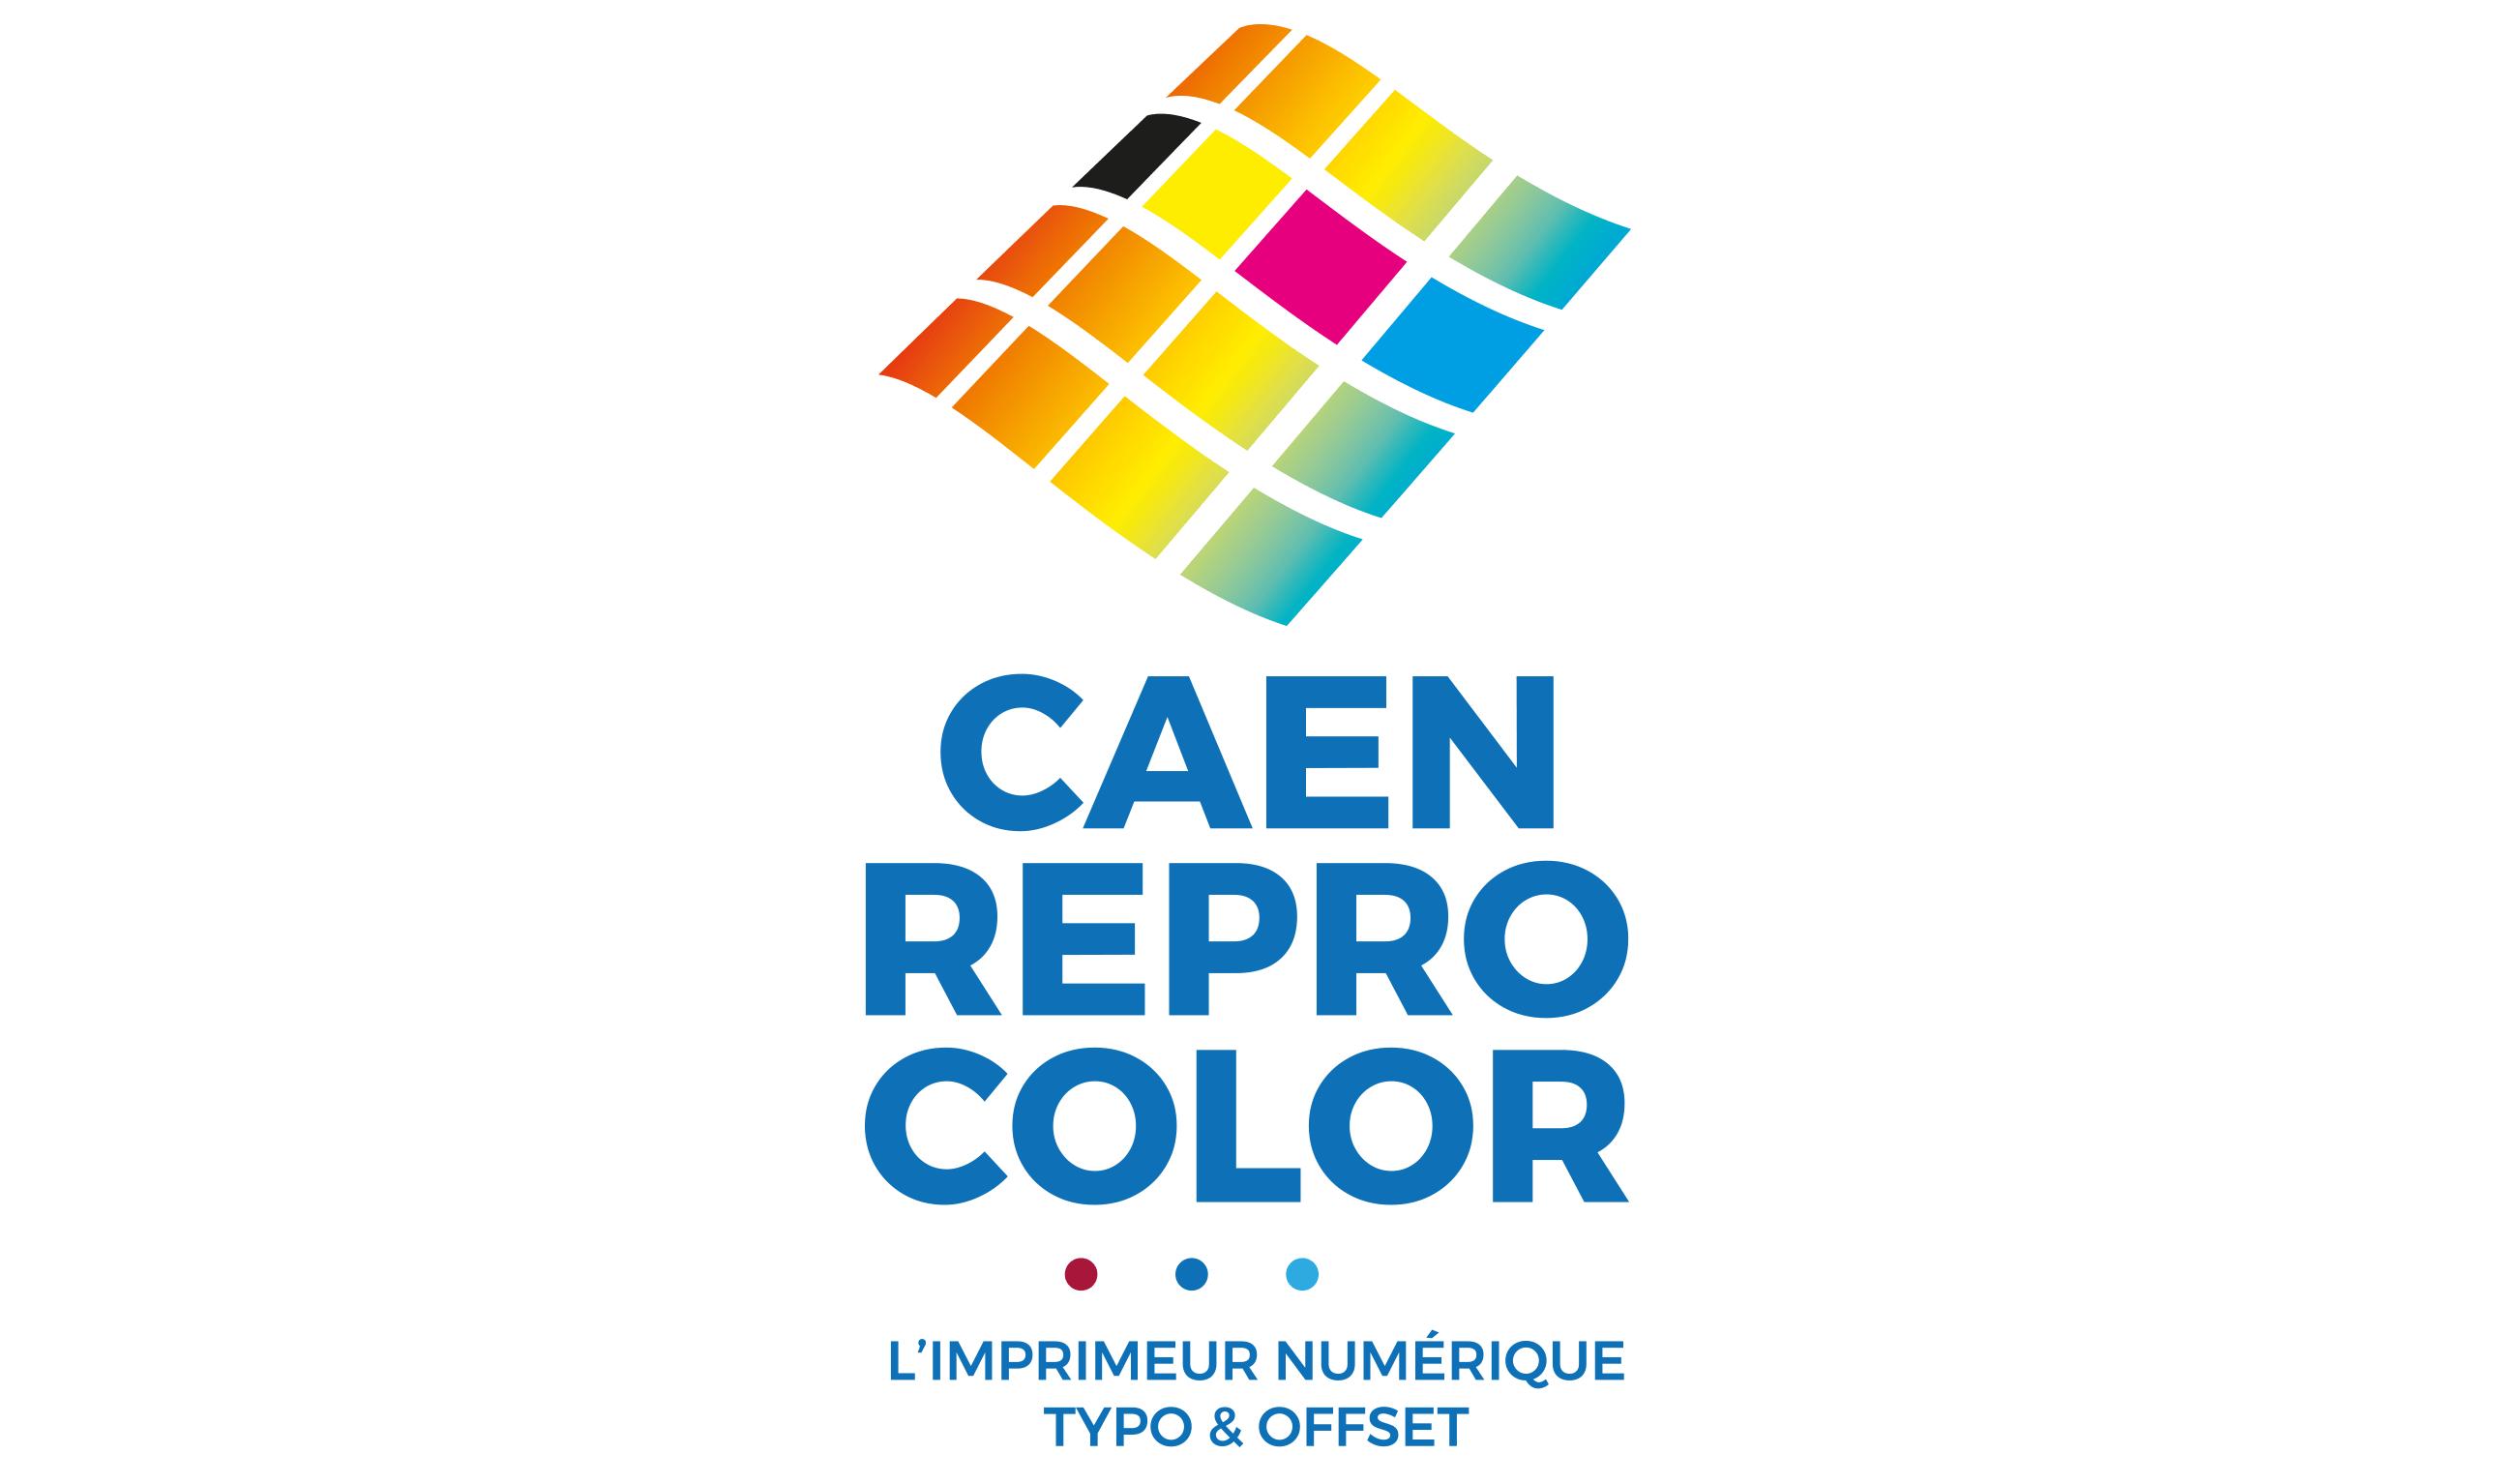 Caen repro color partenaire de Caen ça bouge